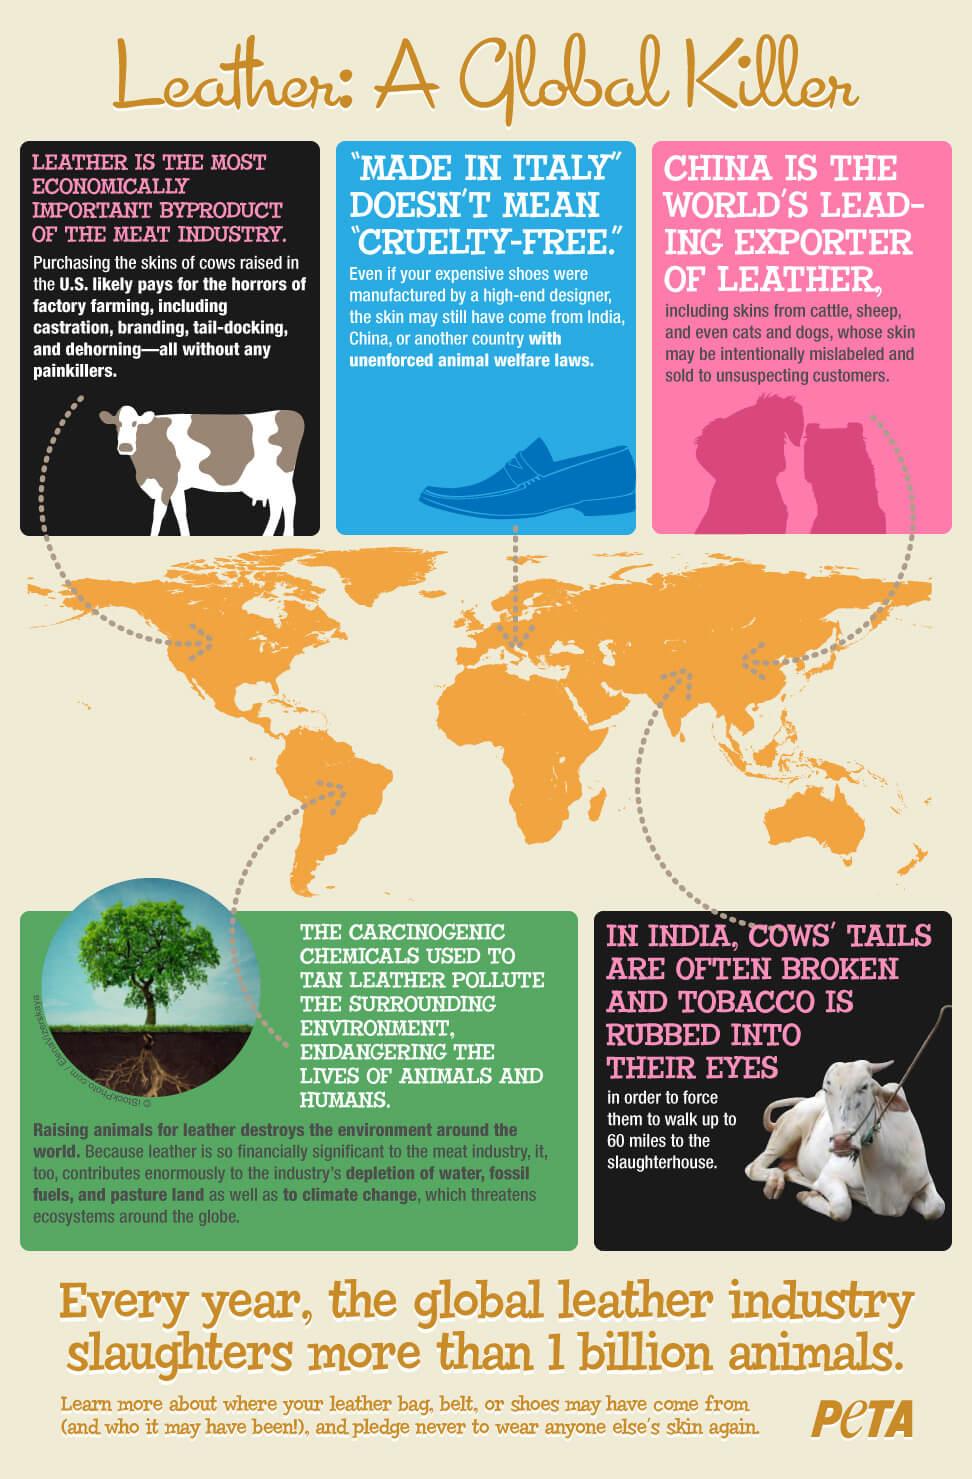 L industrie du cuir   Animaux utilisés pour les vêtements   PETA France 0f2eb03f524